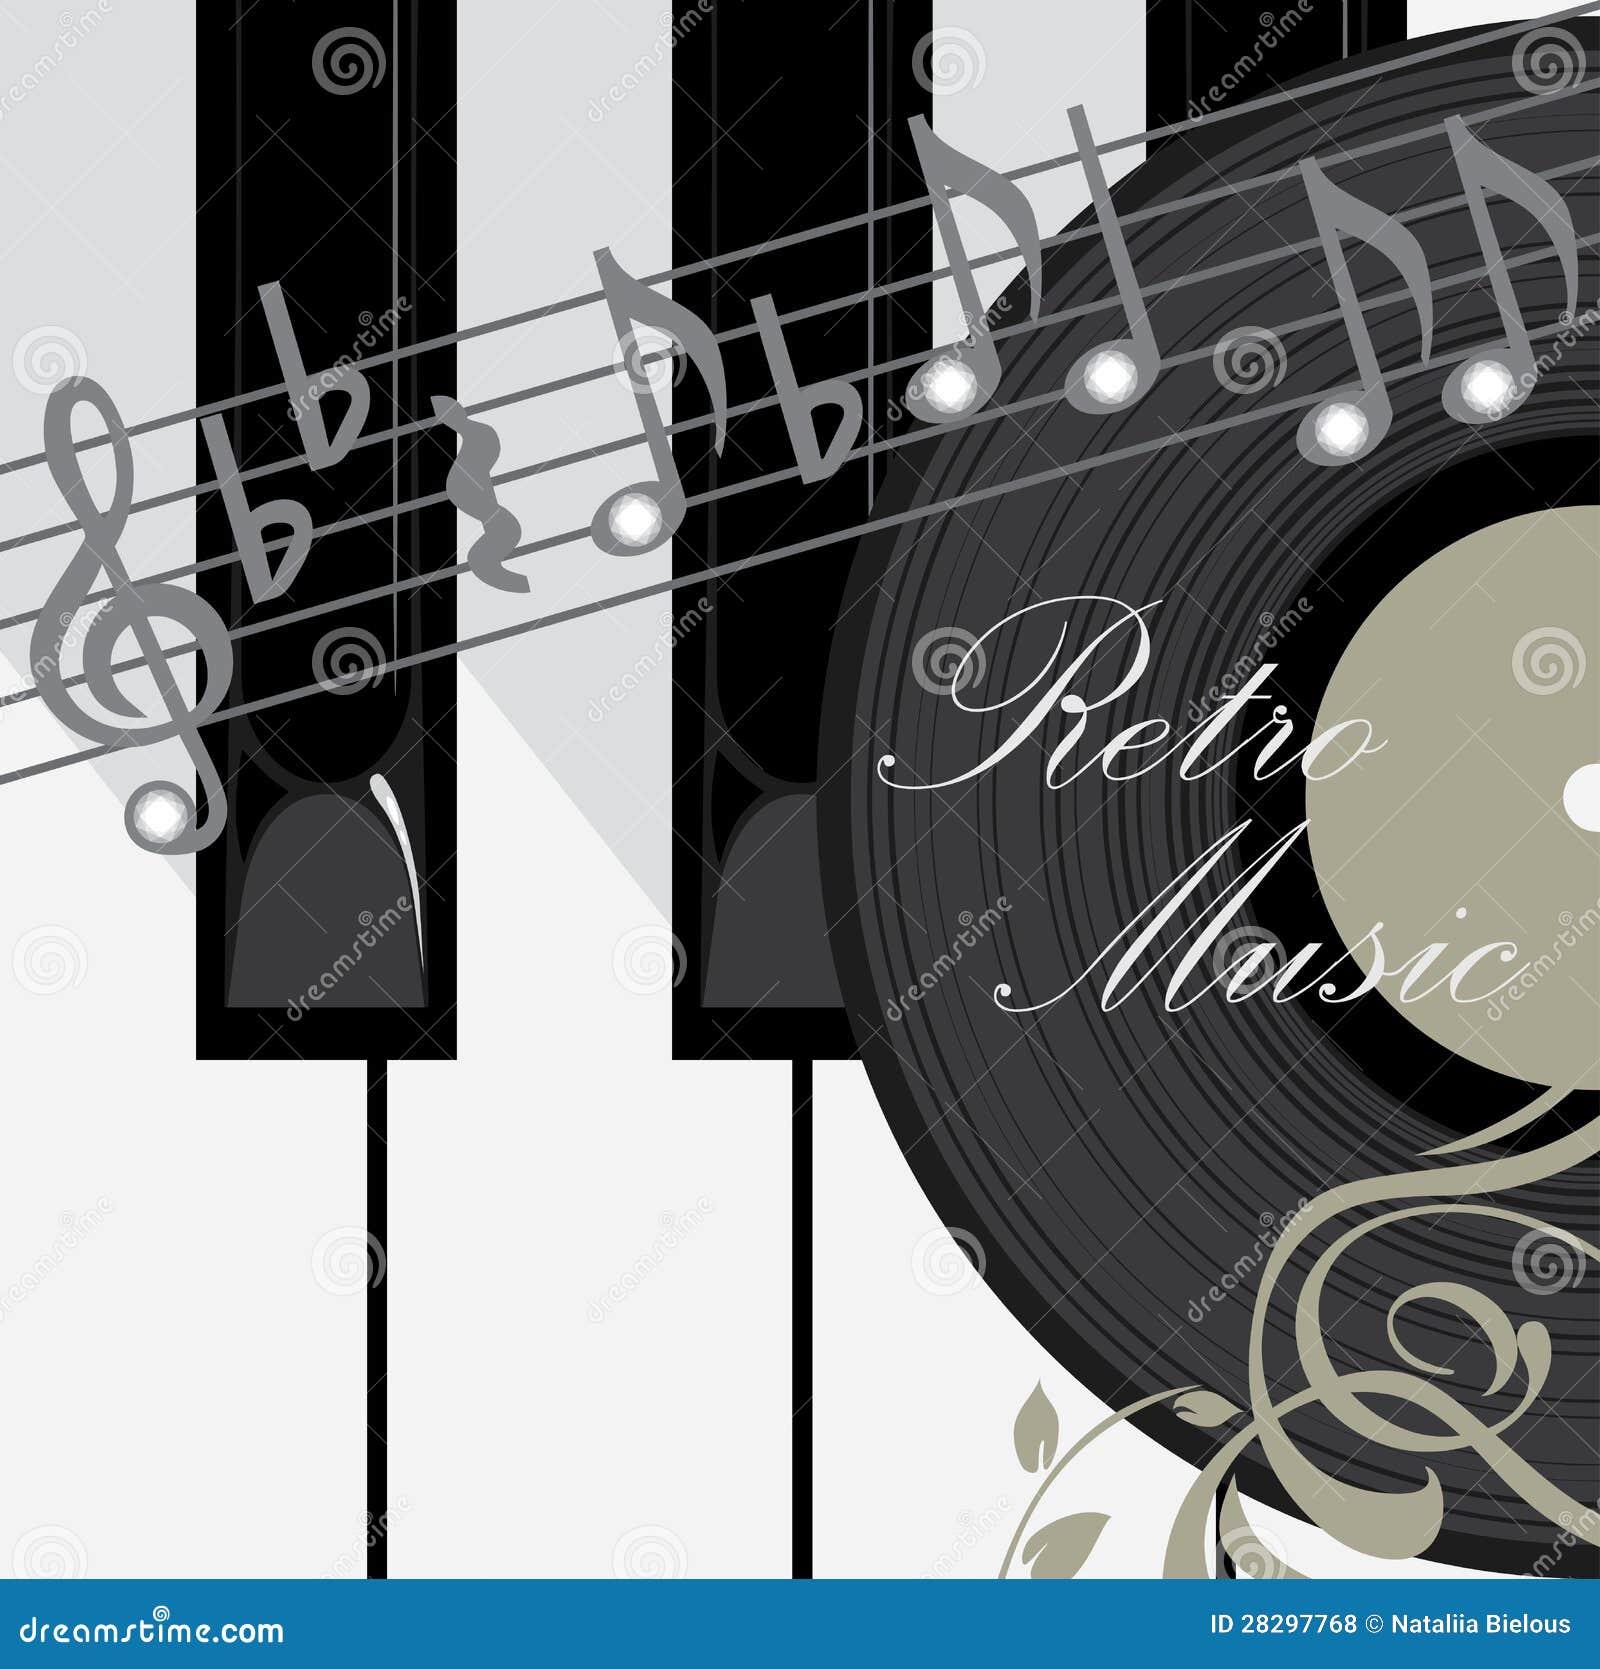 De sleutels, de schijf en de nota s van de piano. De achtergrond van de muziek